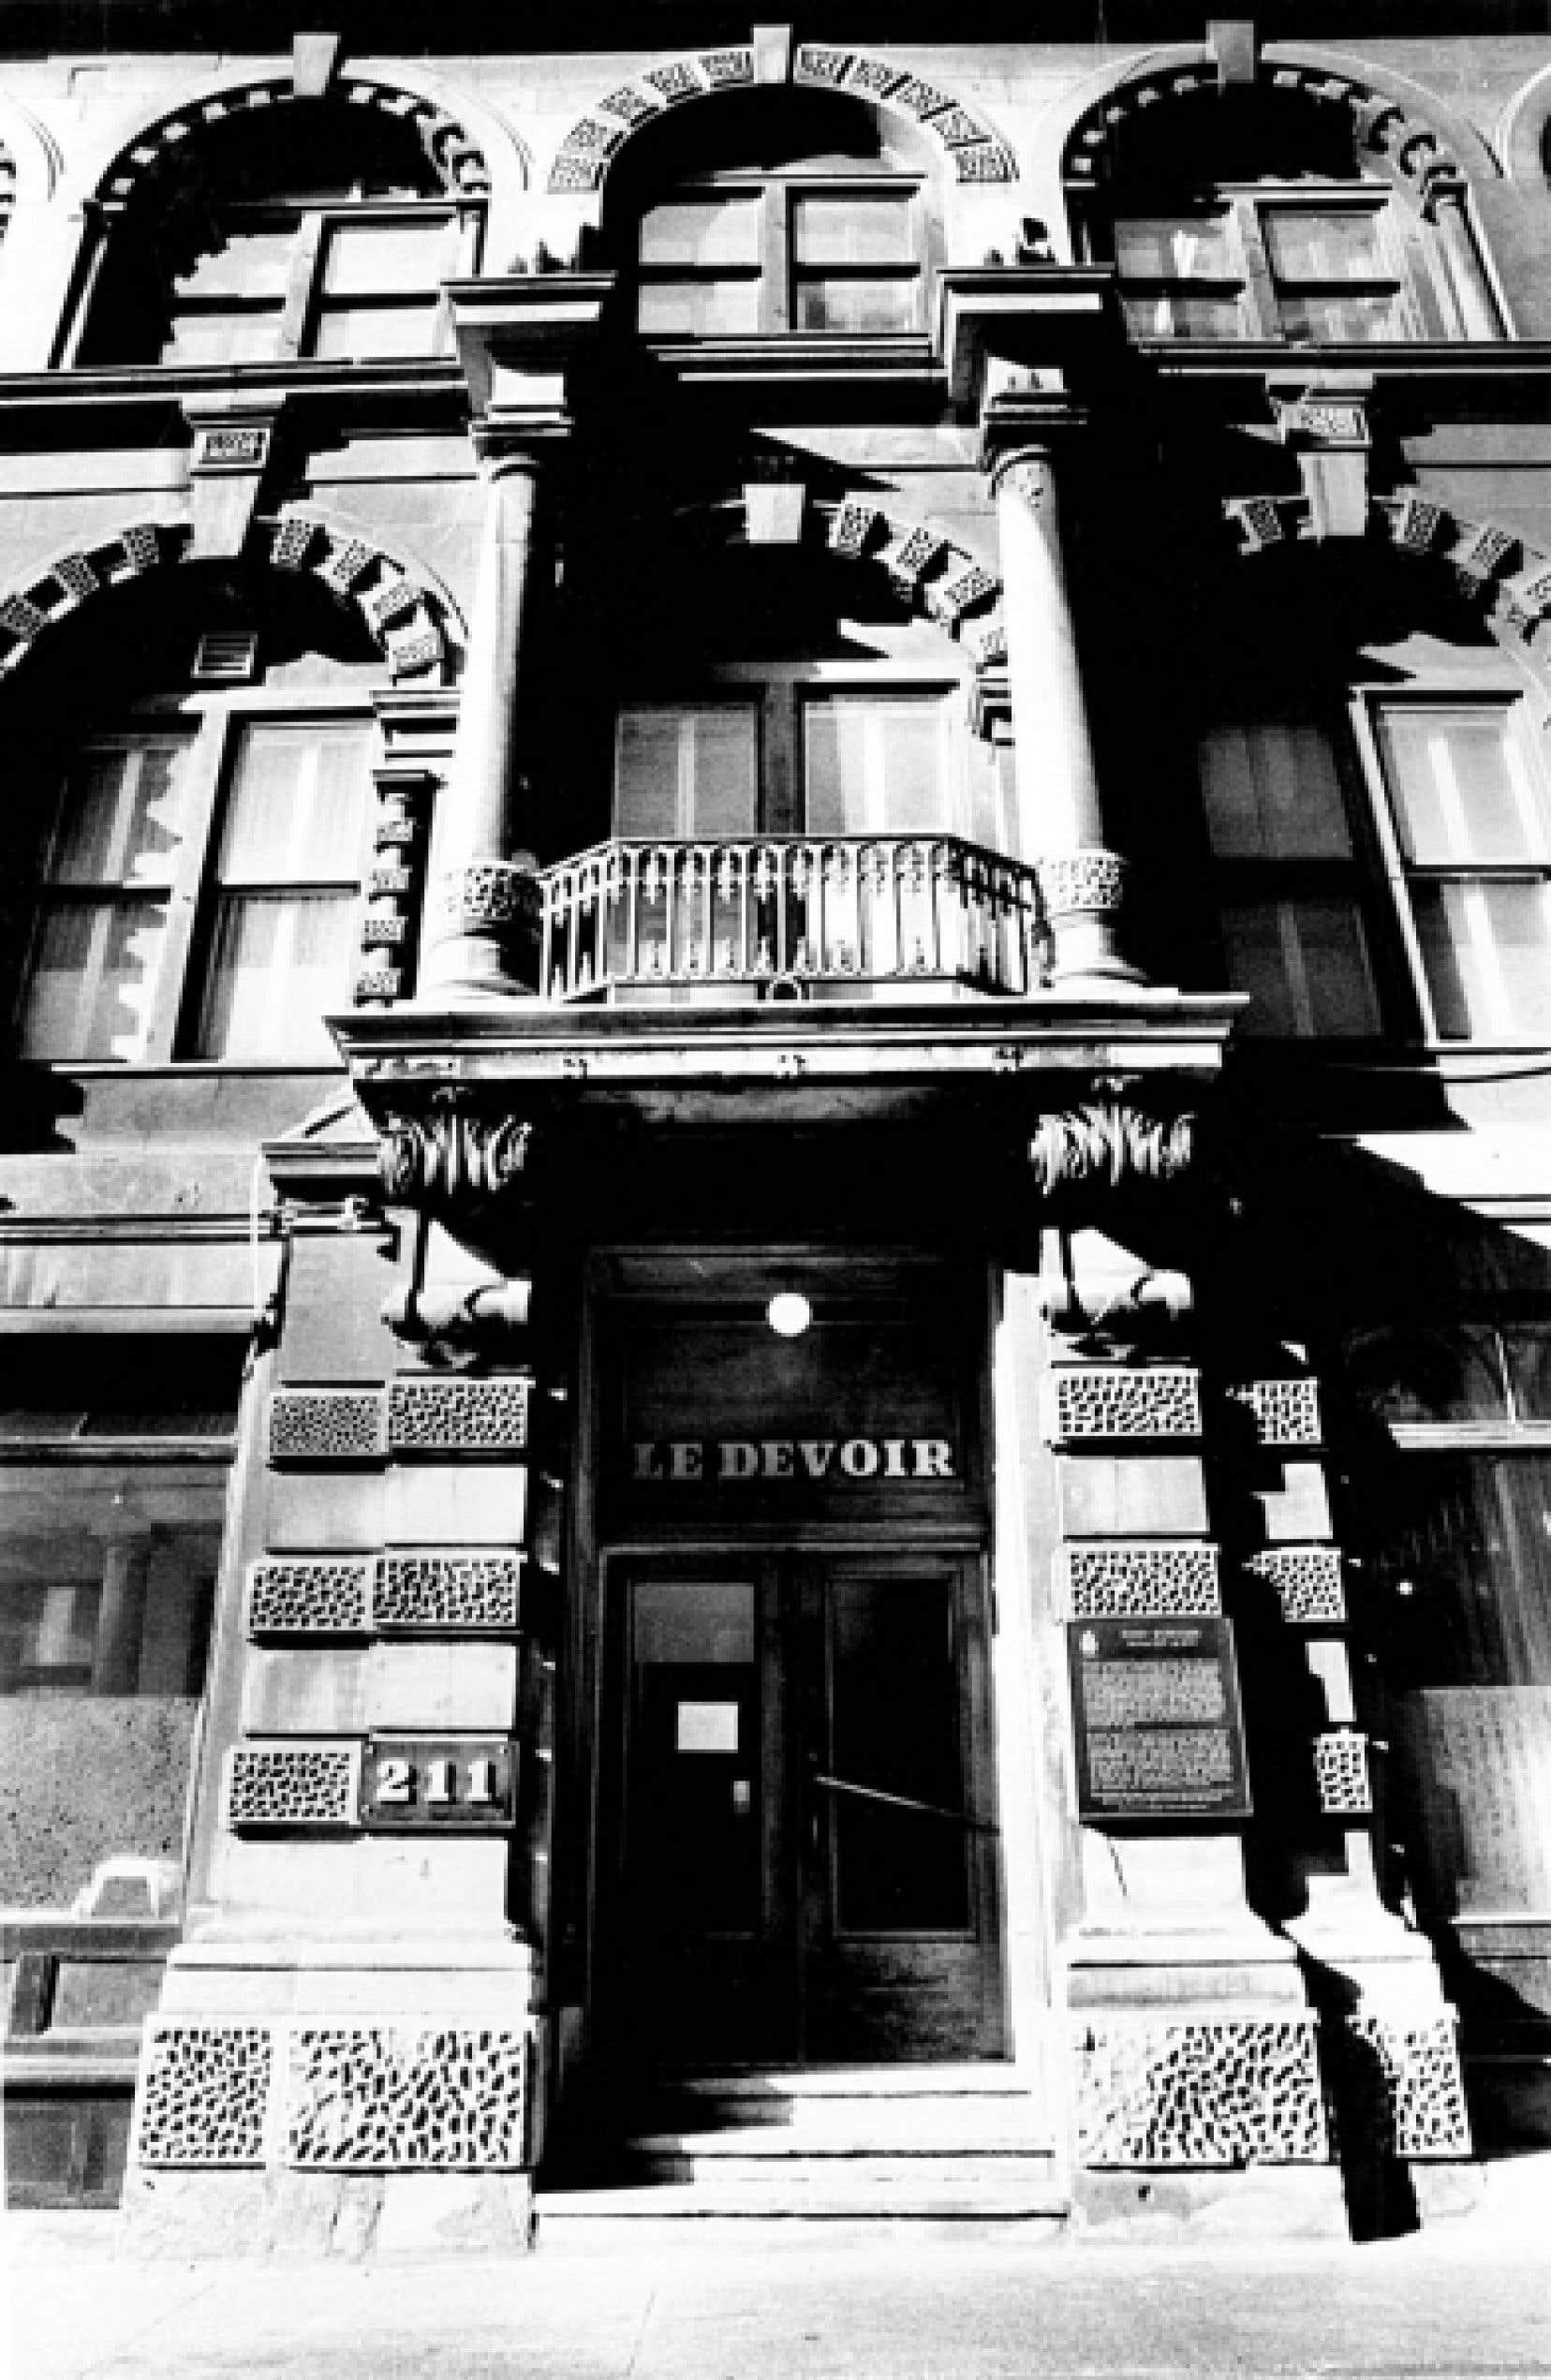 L'édifice de la rue Saint-Sacrement, que Le Devoir a occupé de 1972 à 1992, est sans doute le plus connu des lecteurs.